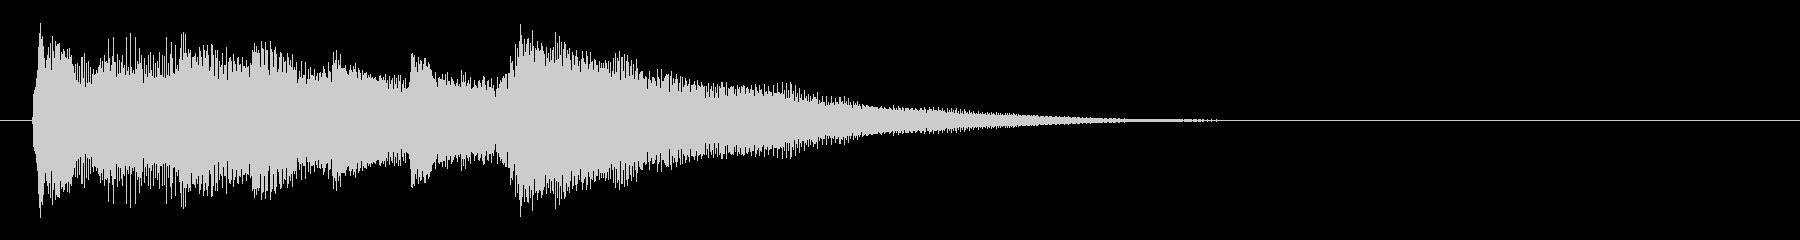 番組の転換シーンをイメージしたピアノソロの未再生の波形